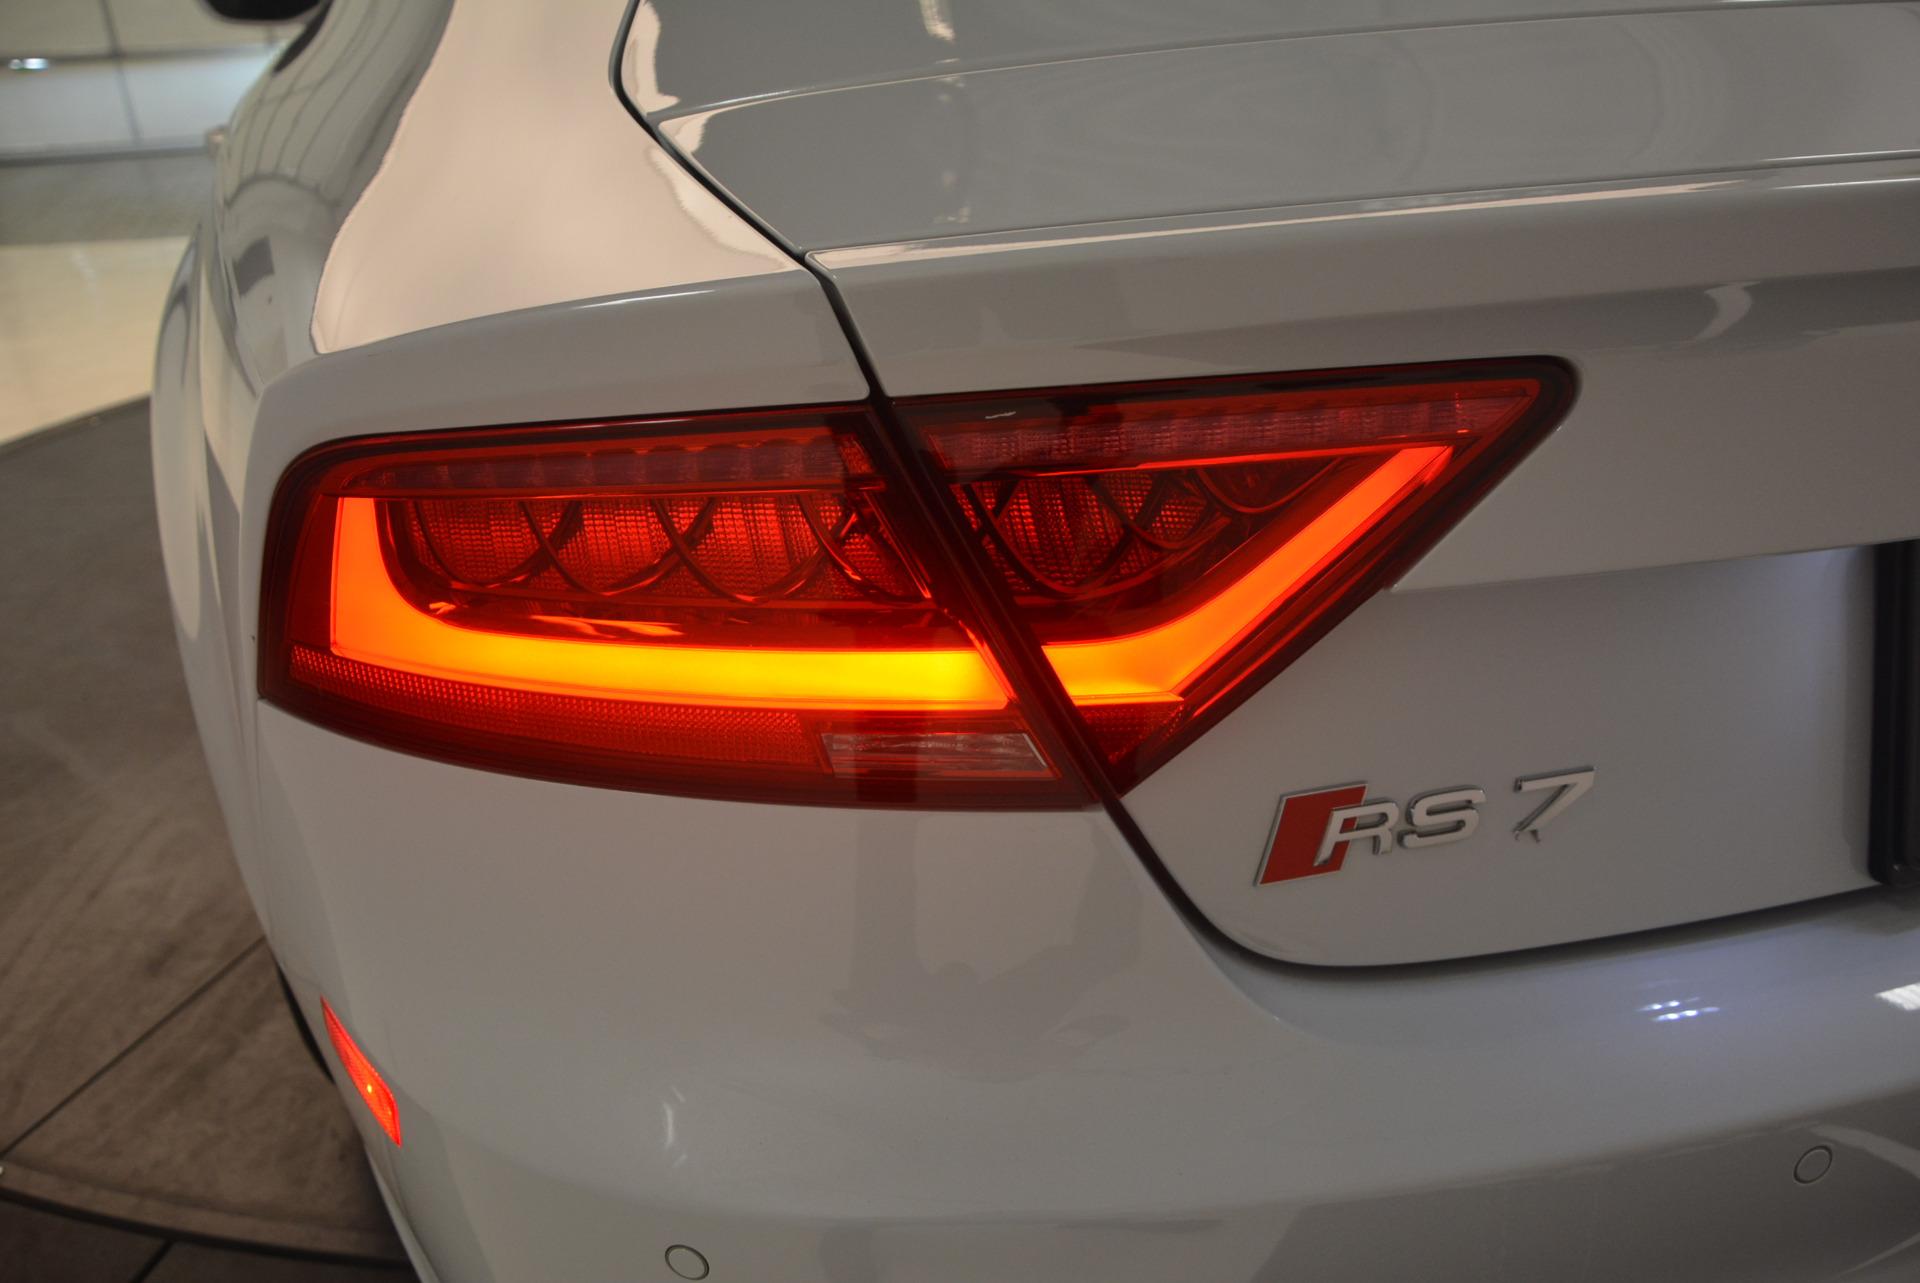 Used 2014 Audi RS 7 4.0T quattro Prestige For Sale In Greenwich, CT 1262_p19